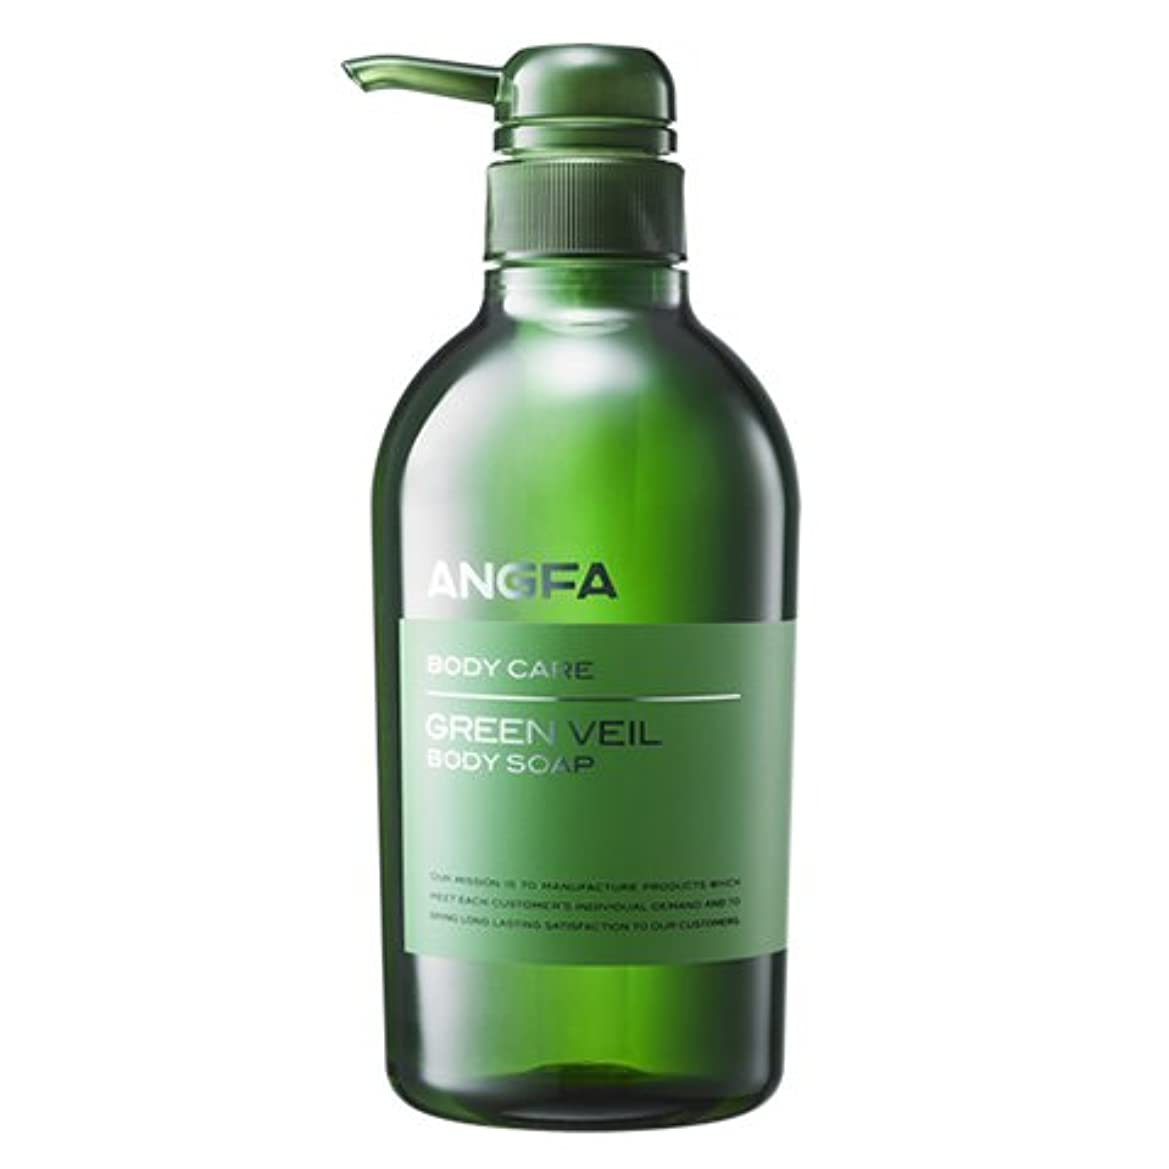 注入するマチュピチュ放棄アンファー (ANGFA) グリーンベール 薬用ボディソープ 500ml グリーンフローラル [乾燥?保湿] かゆみ肌